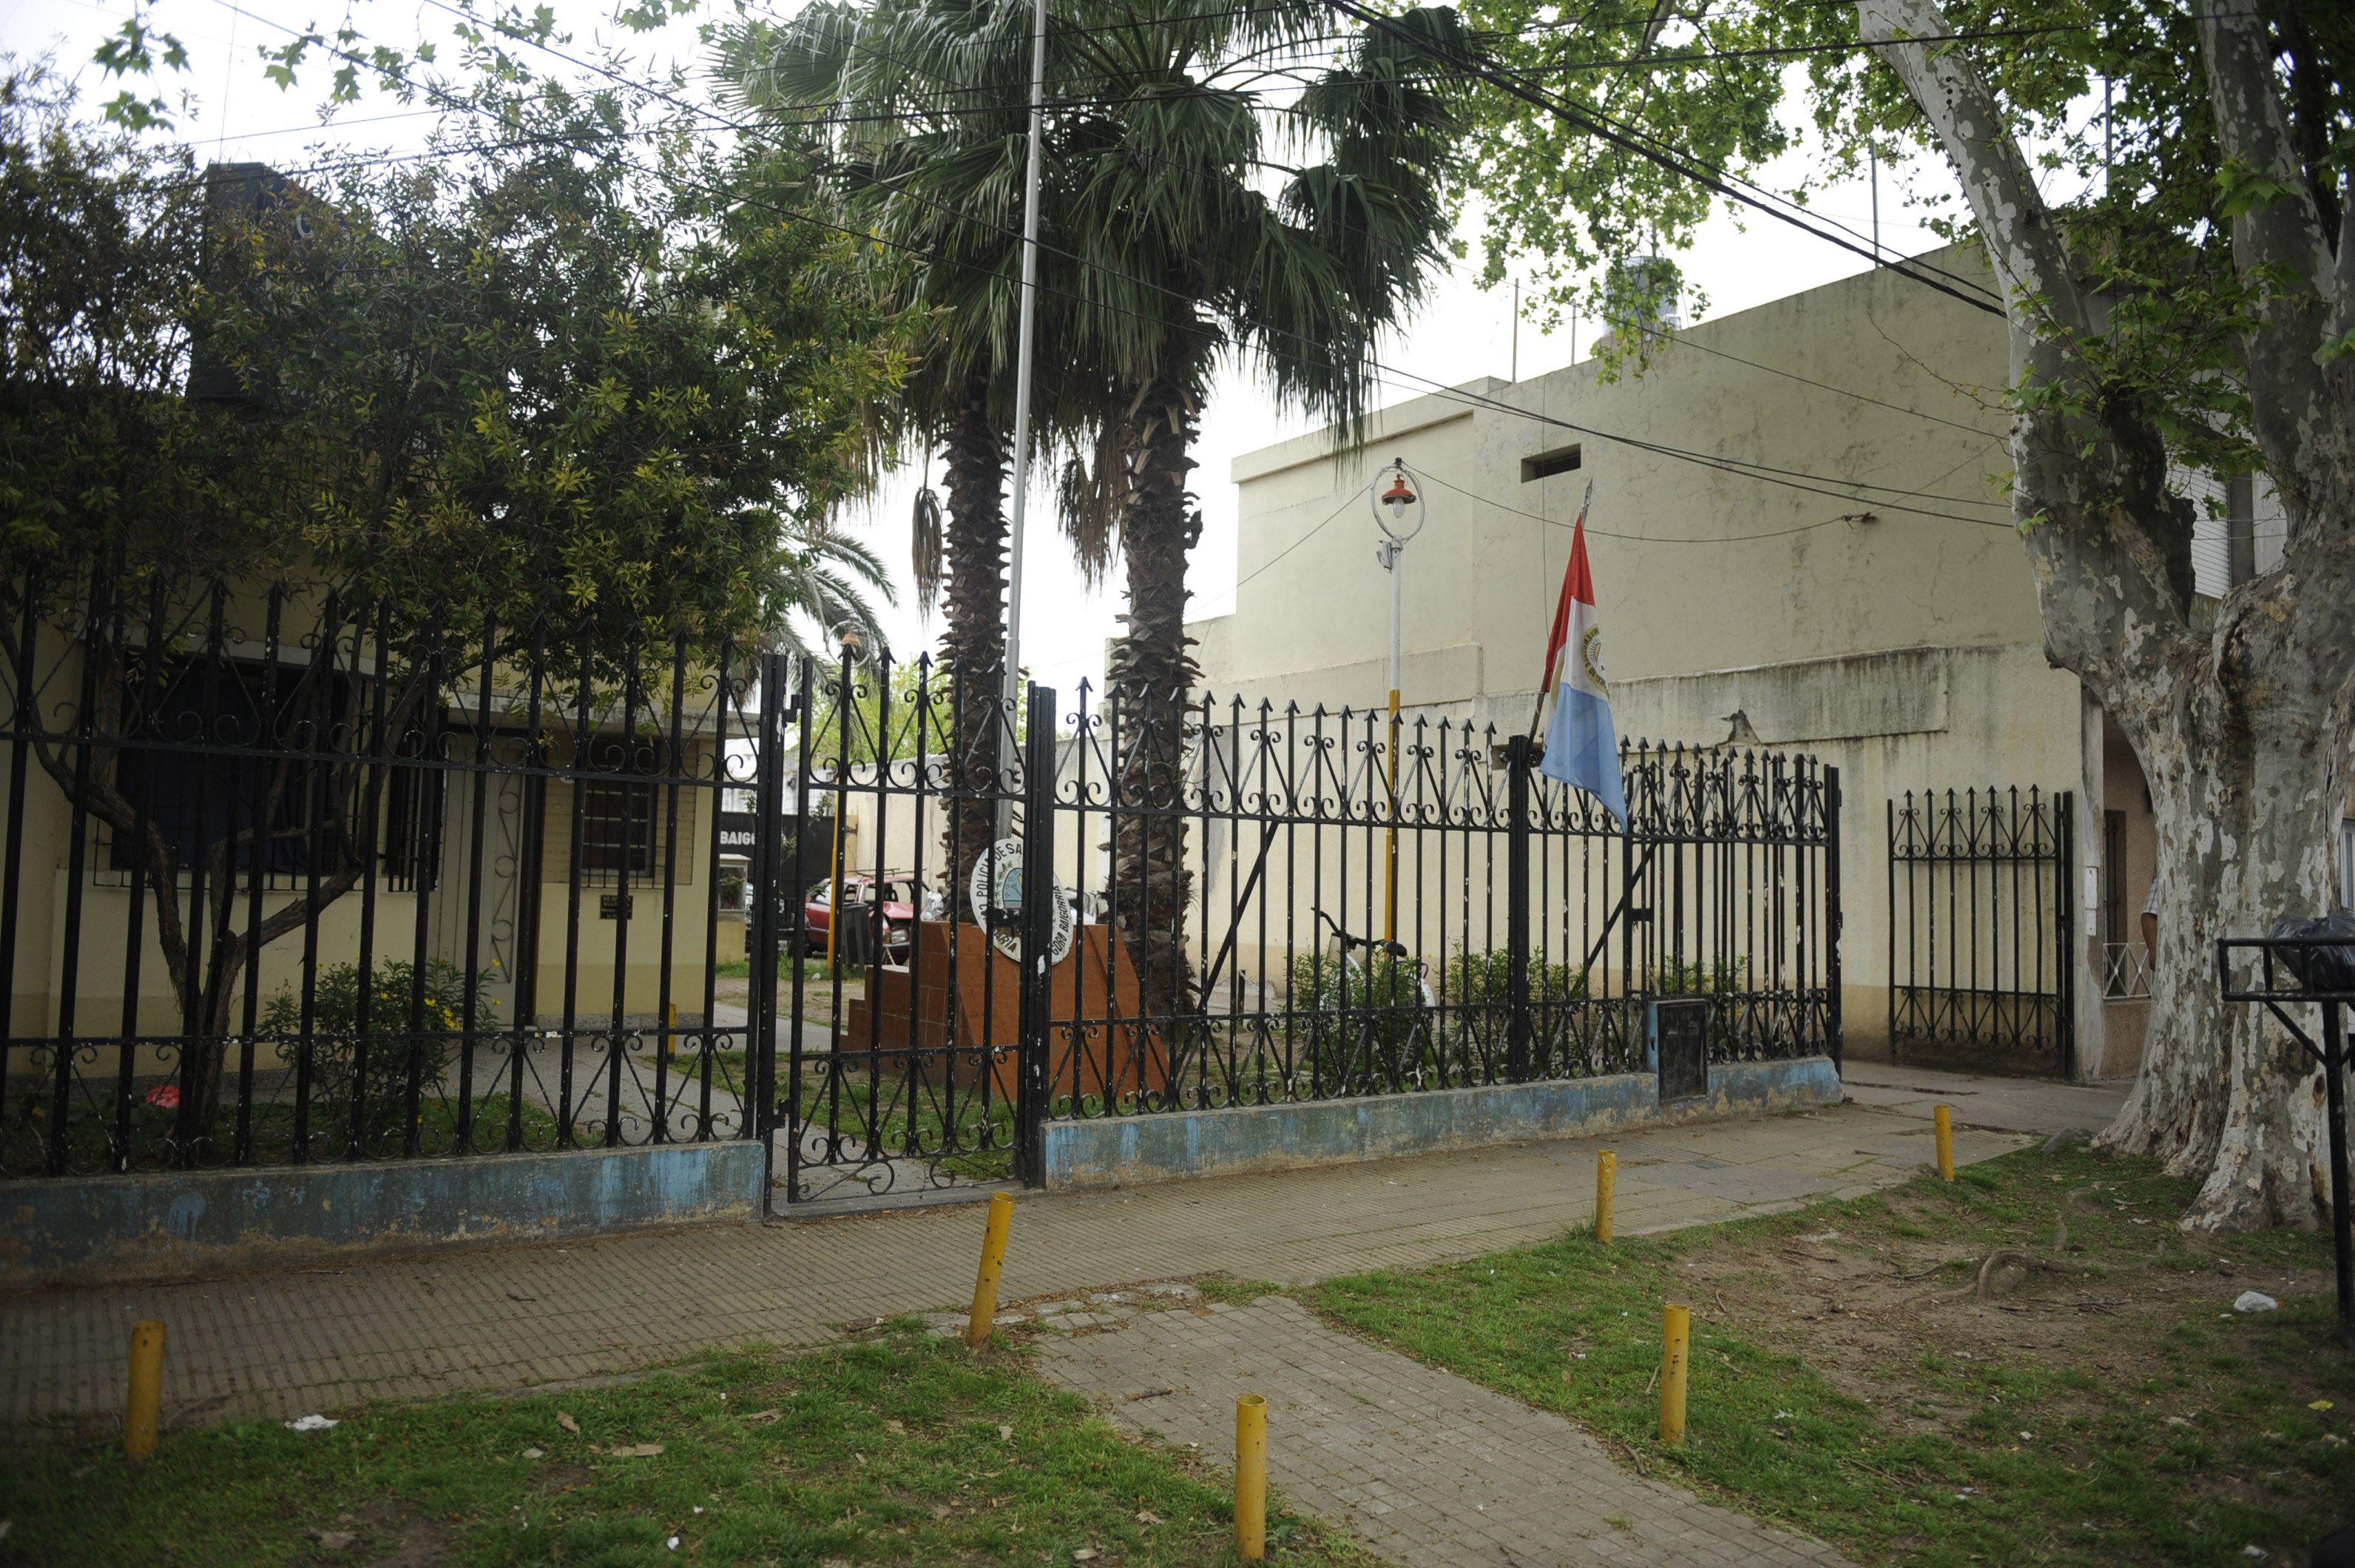 La seccional 24ª tiene a su cargo las actuaciones por el violento hecho ocurrido en Catriel y San Rafael.